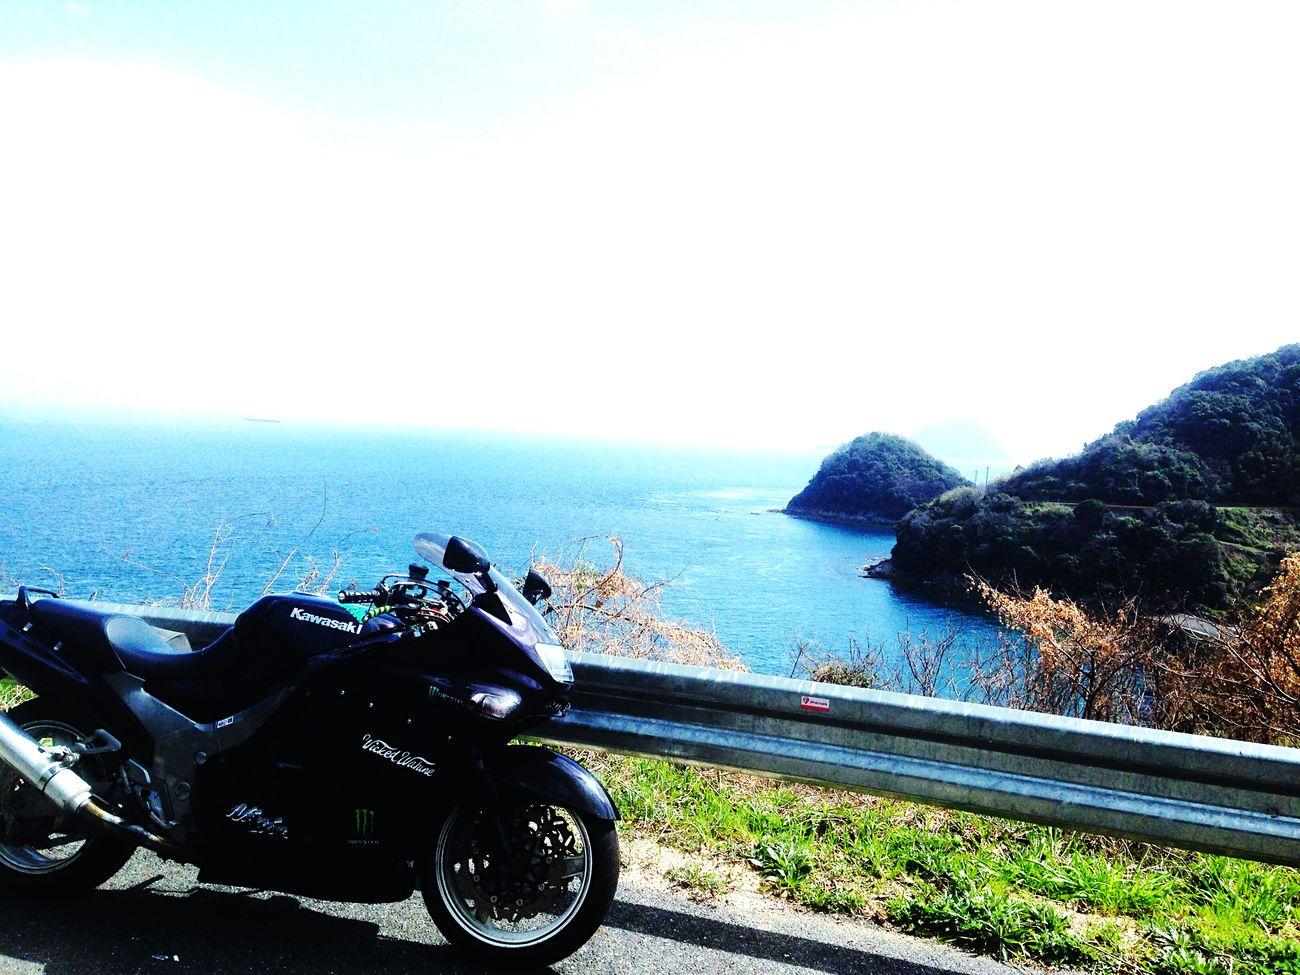 Enjoying The Sun 海が見たくて走り出した Sea And Sky 日本海へ抜けるか……瀬戸内へ出るか…… とりあえず行き先は決めずに国道を流す。 Getting In Touch On The Road 肌寒さを感じたりするから、暖かい方へ行こうか… Spring Has Arrived そうだ、お世話になった先輩の好きだった場所 Cherry Blossoms 周防大島の千本桜… Moto Life Mountain Road Quality Time 去年の夏に事故って、この春に周防大島へ来ることができた……そう言えば、ボクは毎年ココに来る。 Starting A Trip